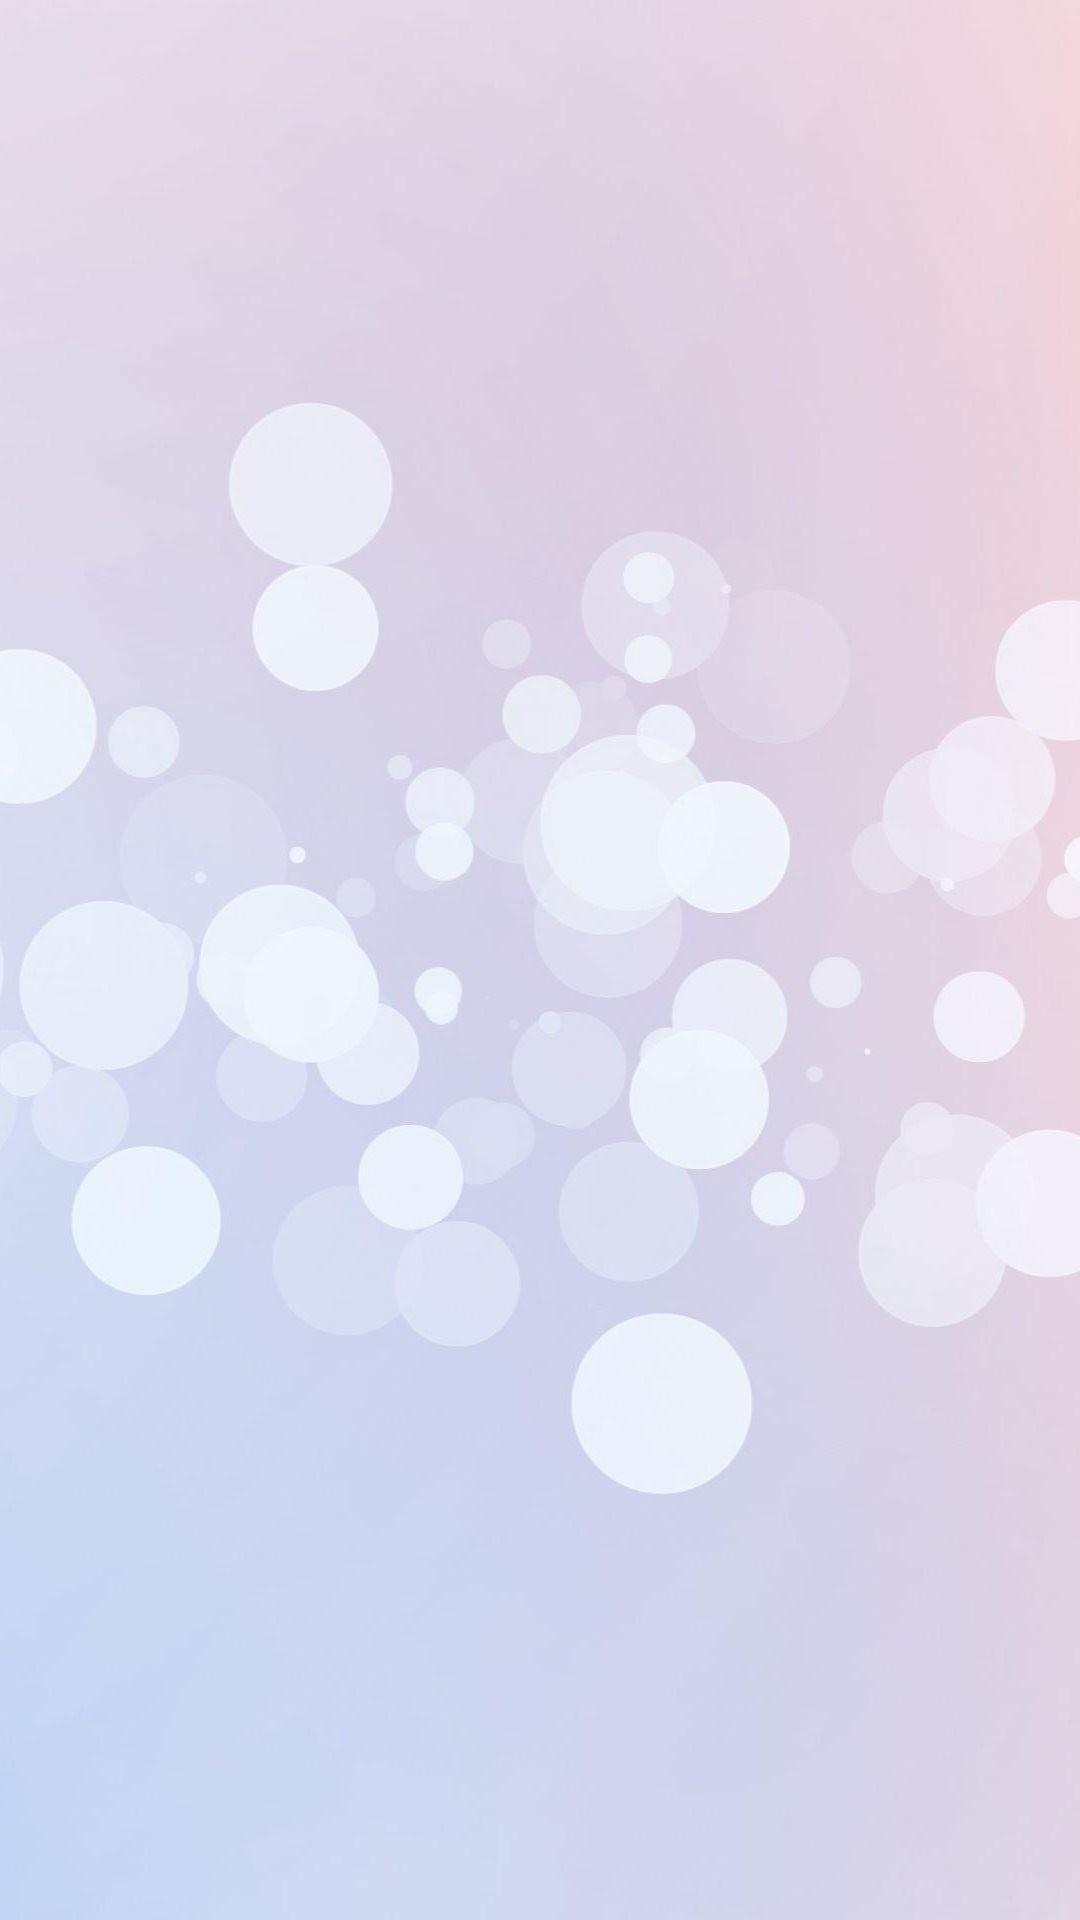 Simple Pink Bokeh Circles iPhone 6 Plus HD Wallpaper …